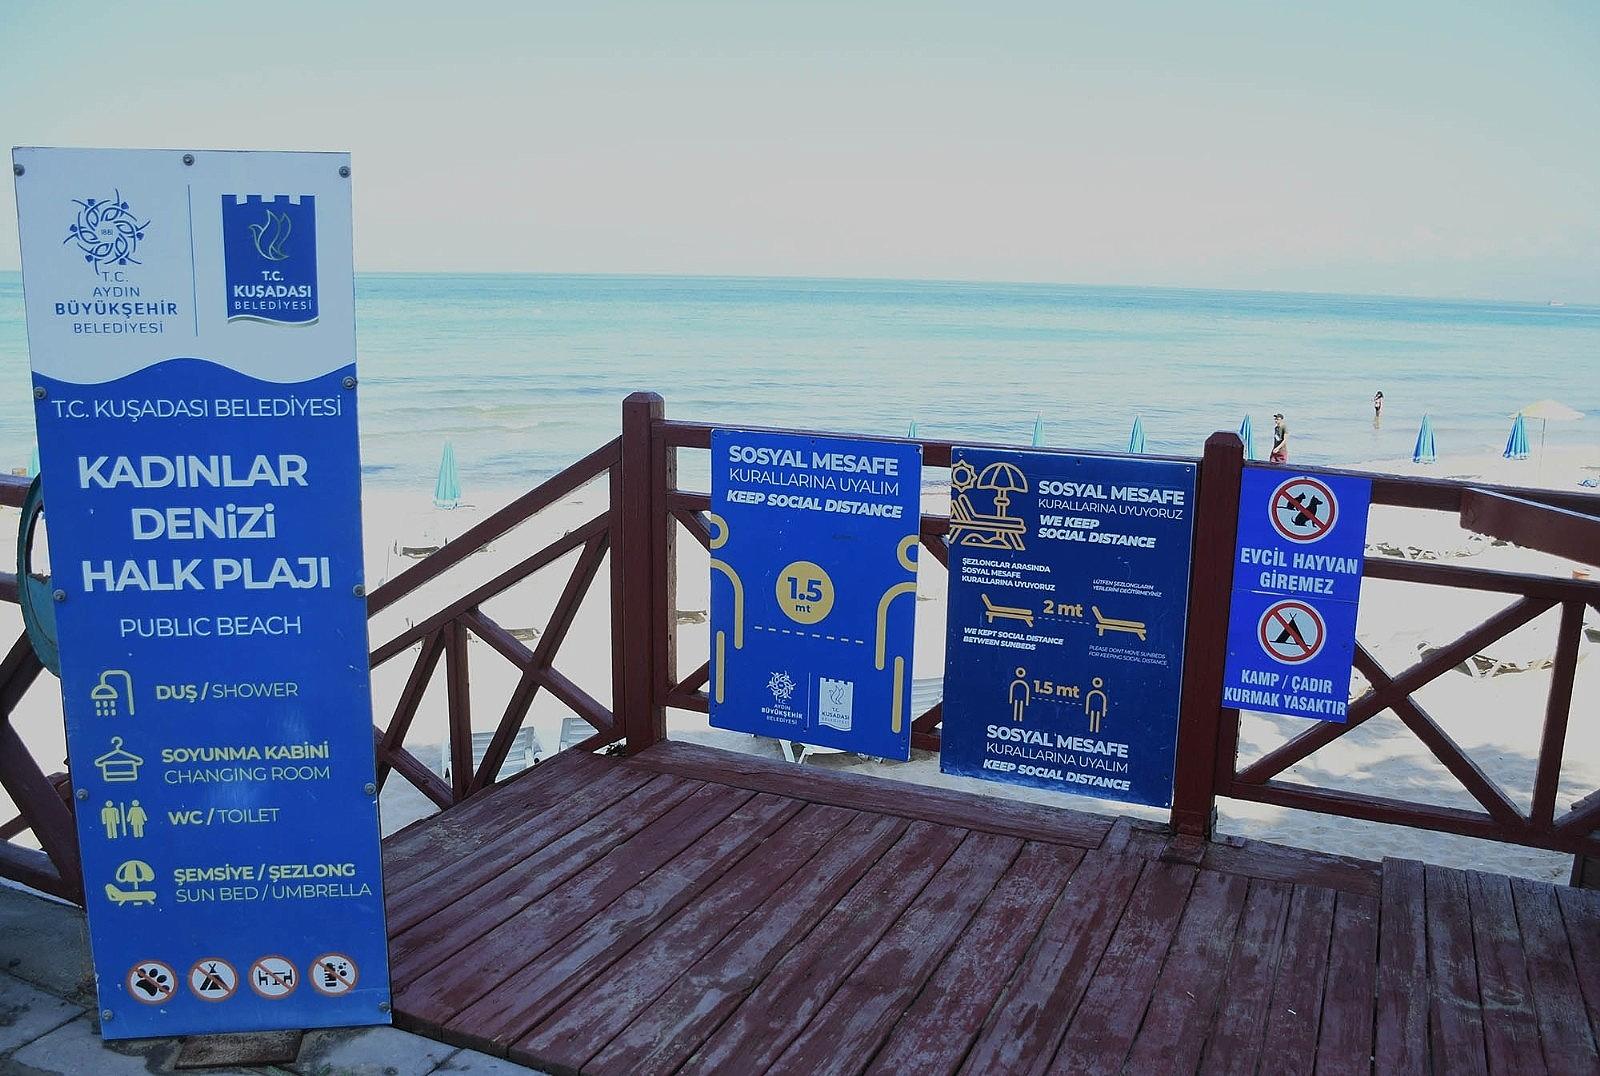 2021/05/turizm-kenti-kusadasinda-plajlar-misafirlerini-bekliyor-20210531AW33-2.jpg